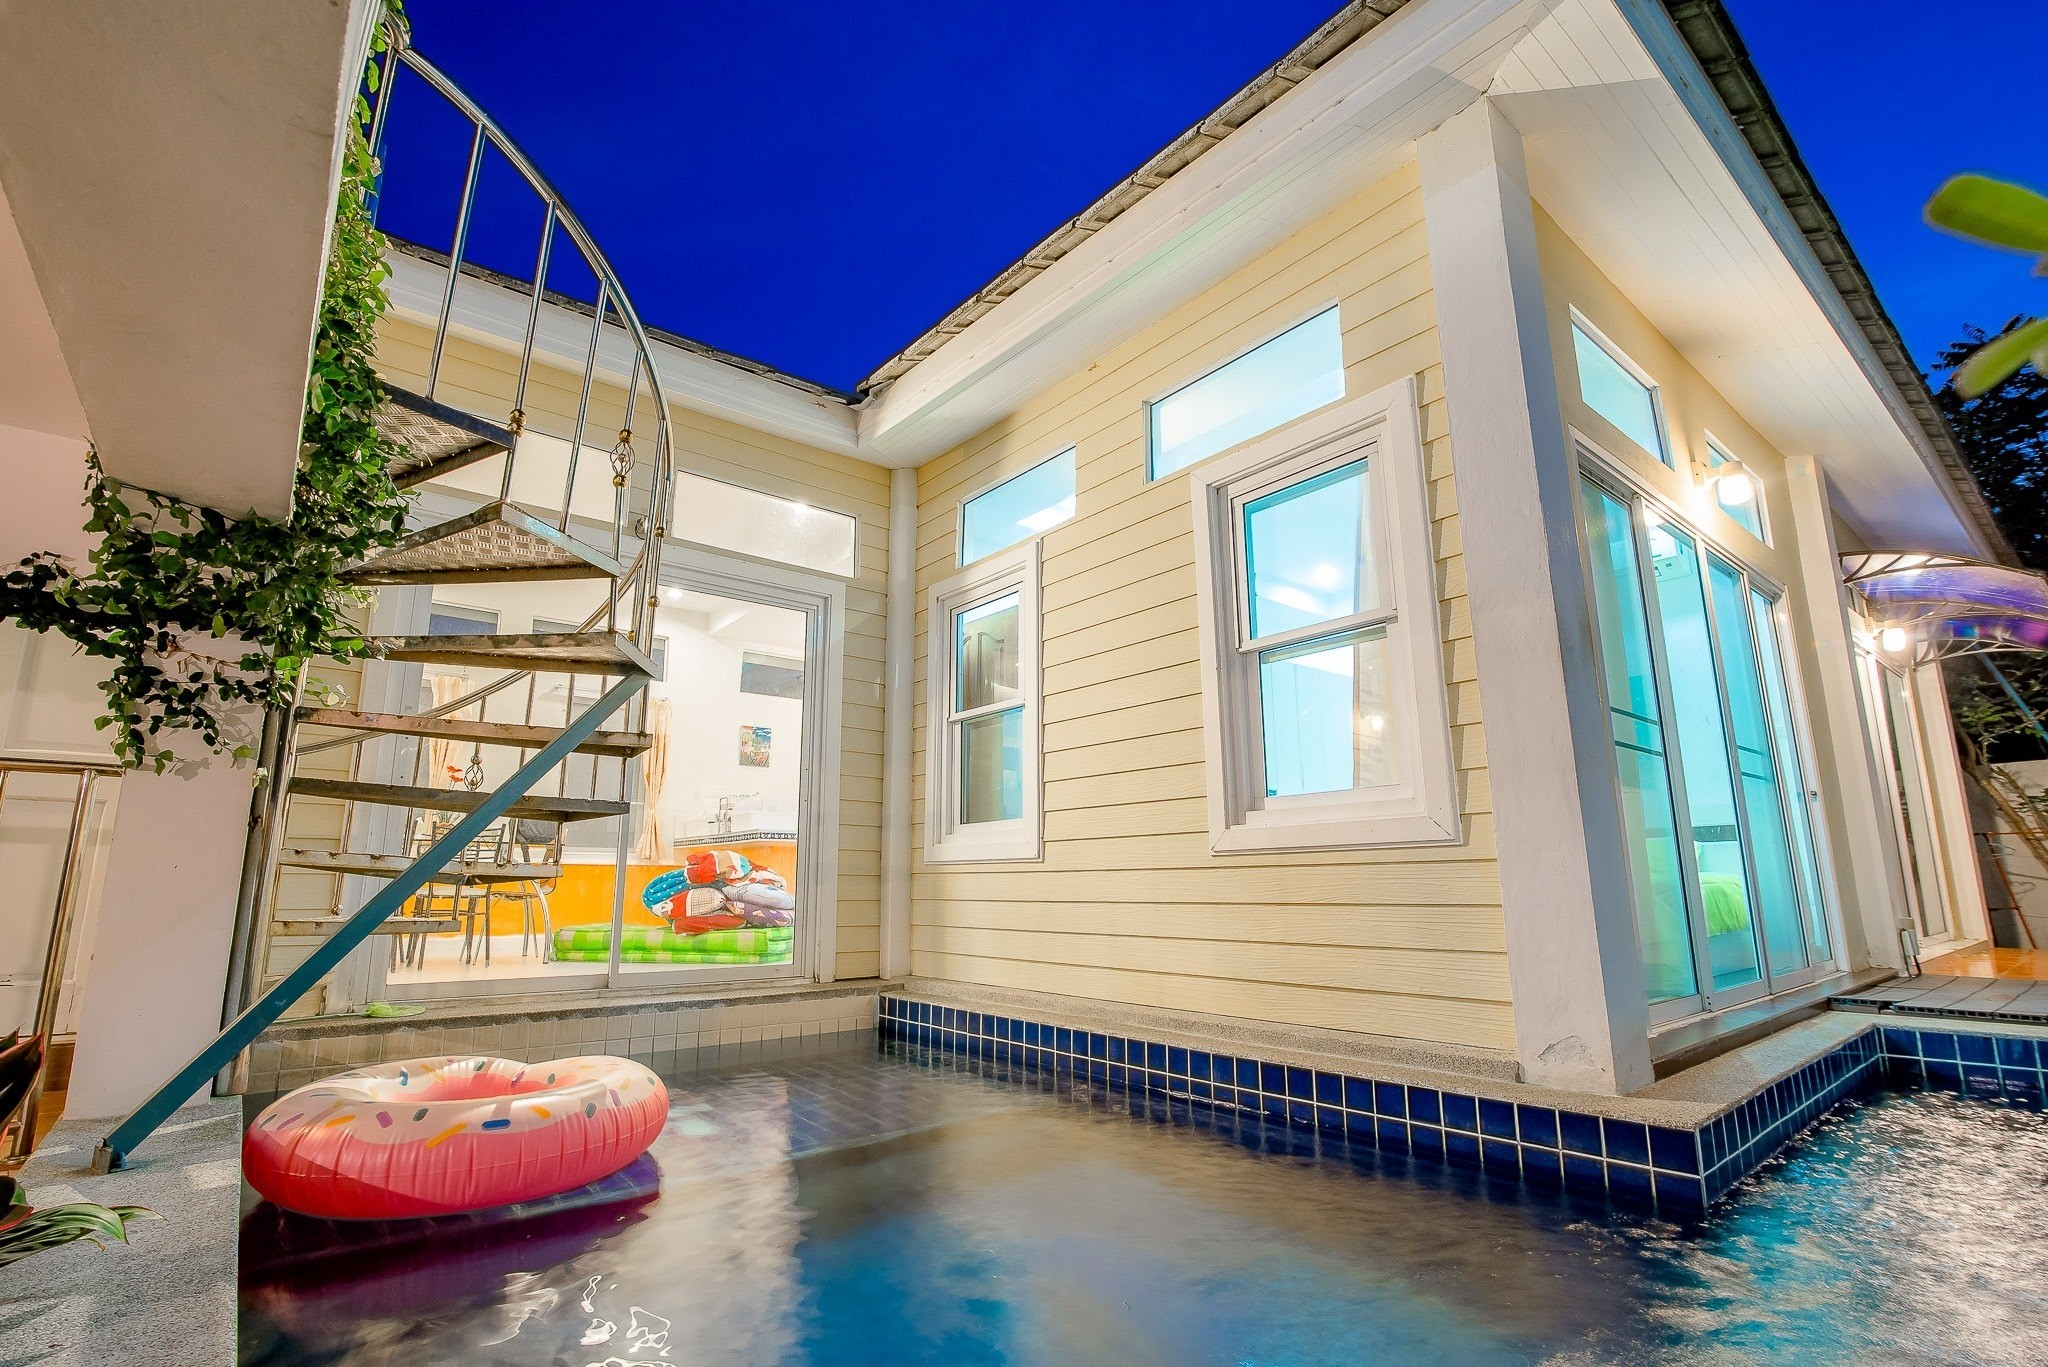 บ้านปันนา พูลวิลล่า หัวหิน 2 ห้องนอน 2 ห้องน้ำ